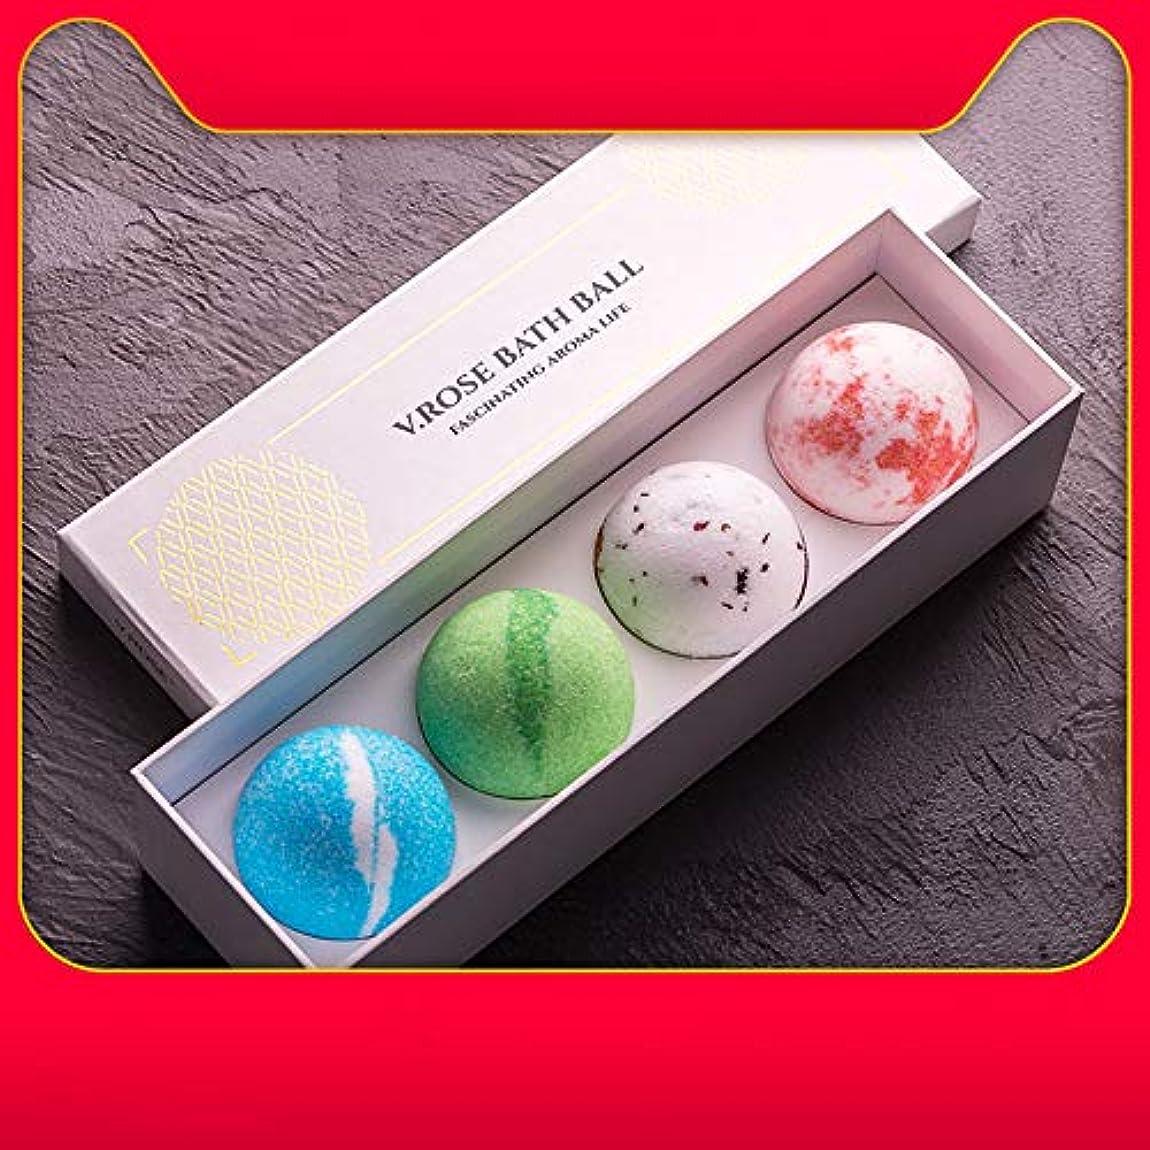 入場プロポーショナル博物館バスボム 炭酸 入浴剤 ギフト 手作り お風呂用 4つの香りキット 天然素材 カラフル バスボール 母の日 結婚記念日 プレゼント